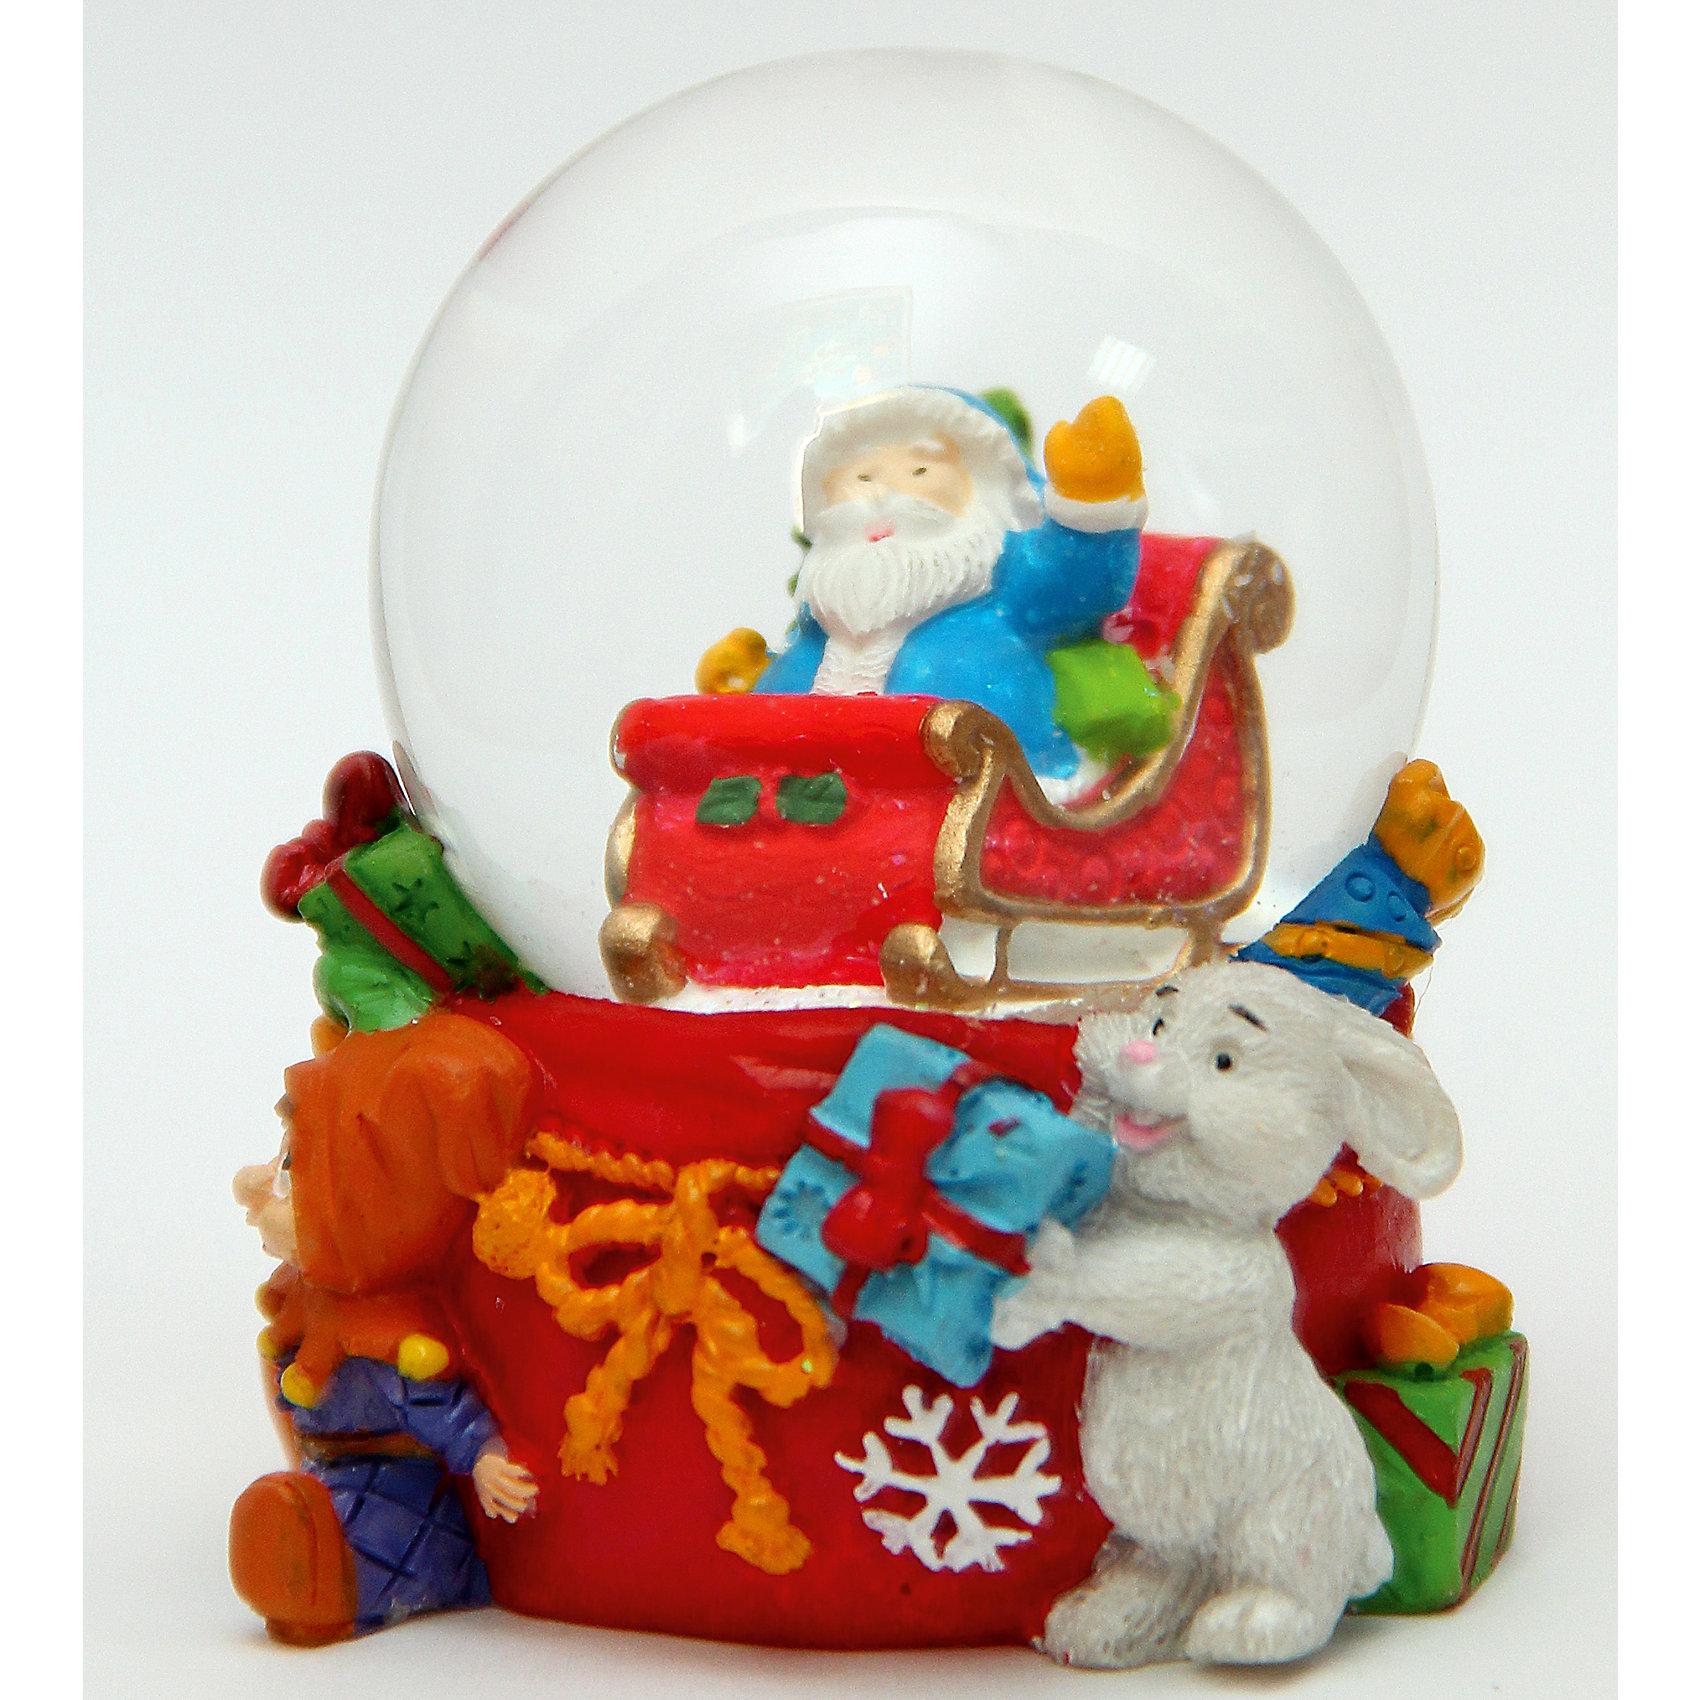 Новогодняя фигурка Дедушка Мороз в саняхНовинки Новый Год<br>Новогодняя фигурка Дедушка Мороз в санях, Феникс-Презент, станет замечательным украшением Вашего новогоднего интерьера и приятным сувениром для родных и друзей. Оригинальная игрушка представляет из себя стеклянный шар, наполненный водой, внутри которого помещена фигурка Дела Мороза в санях. Шар прикреплен к круглой подставке из полирезины, выполненной в форме большого мешка с подарками. Чудесное украшение порадует и взрослых и детей и поможет создать волшебную атмосферу новогодних праздников.<br><br>Дополнительная информация:<br><br>- Материал: стекло, полирезина.<br>- Размер фигурки: 5,5 х 4,8 х 6,2 см.<br><br>Новогоднюю фигурку Дедушка Мороз в санях, Феникс-Презент, можно купить в нашем интернет-магазине.<br><br>Ширина мм: 70<br>Глубина мм: 60<br>Высота мм: 80<br>Вес г: 100<br>Возраст от месяцев: 36<br>Возраст до месяцев: 2147483647<br>Пол: Унисекс<br>Возраст: Детский<br>SKU: 4276536